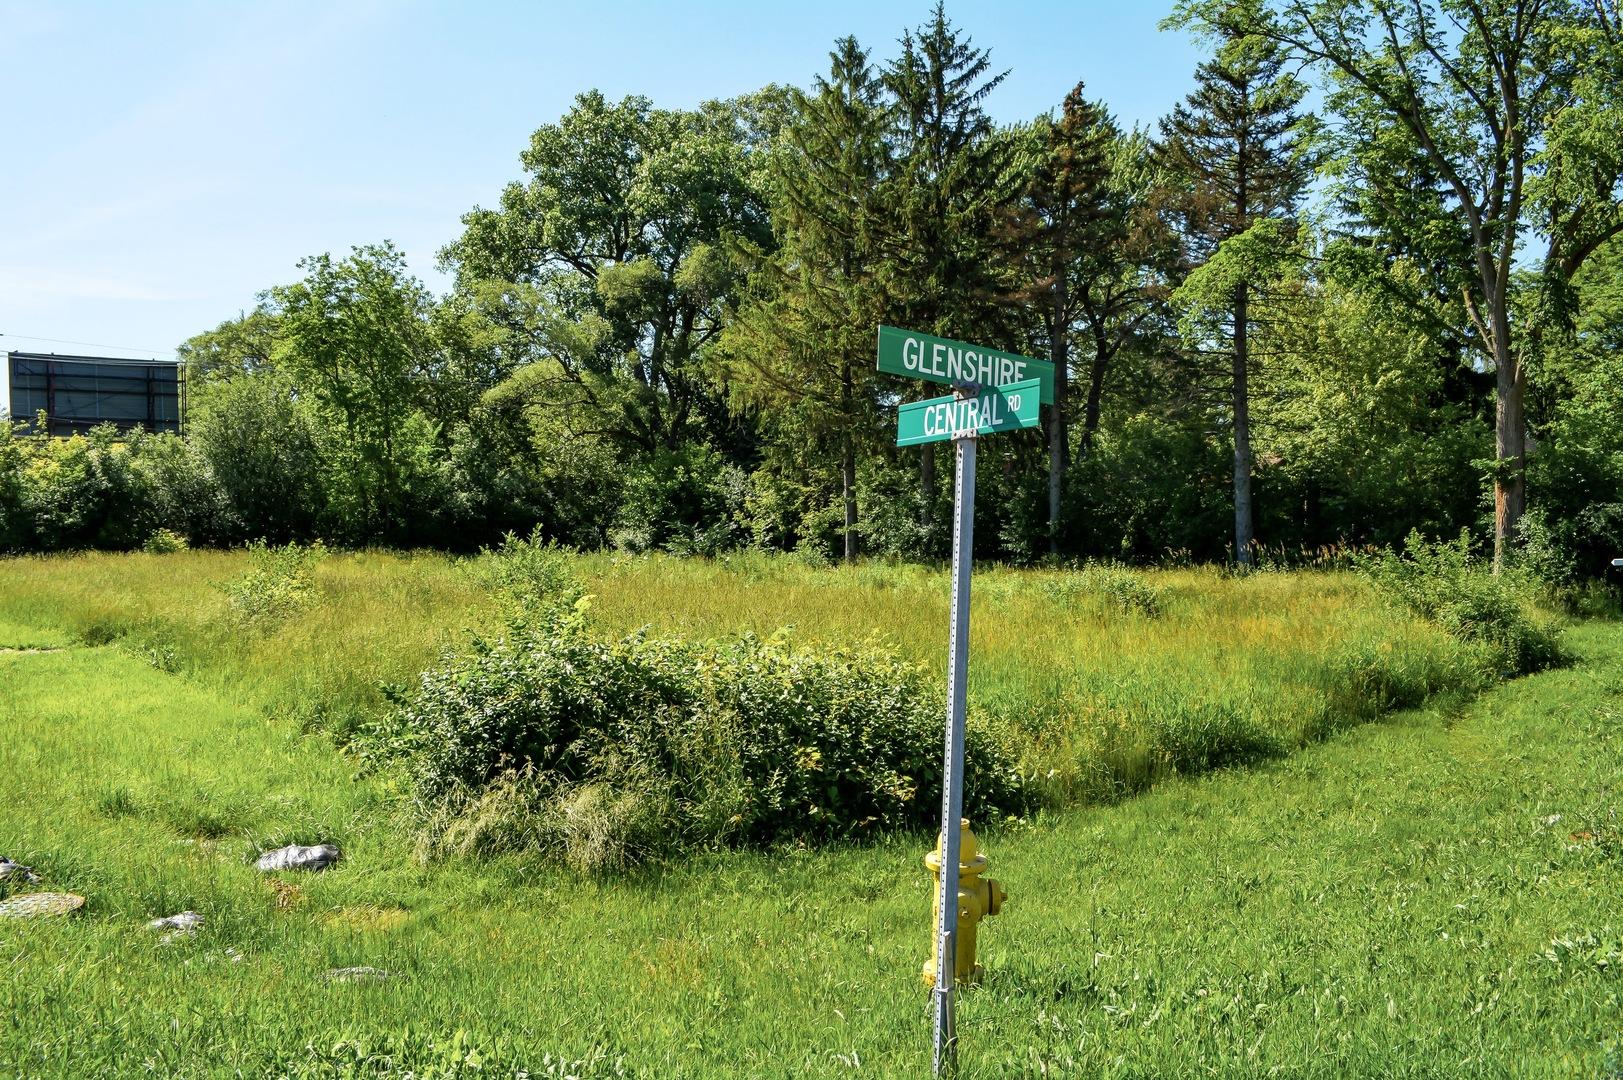 602 Glenshire Road Glenview, IL 60025